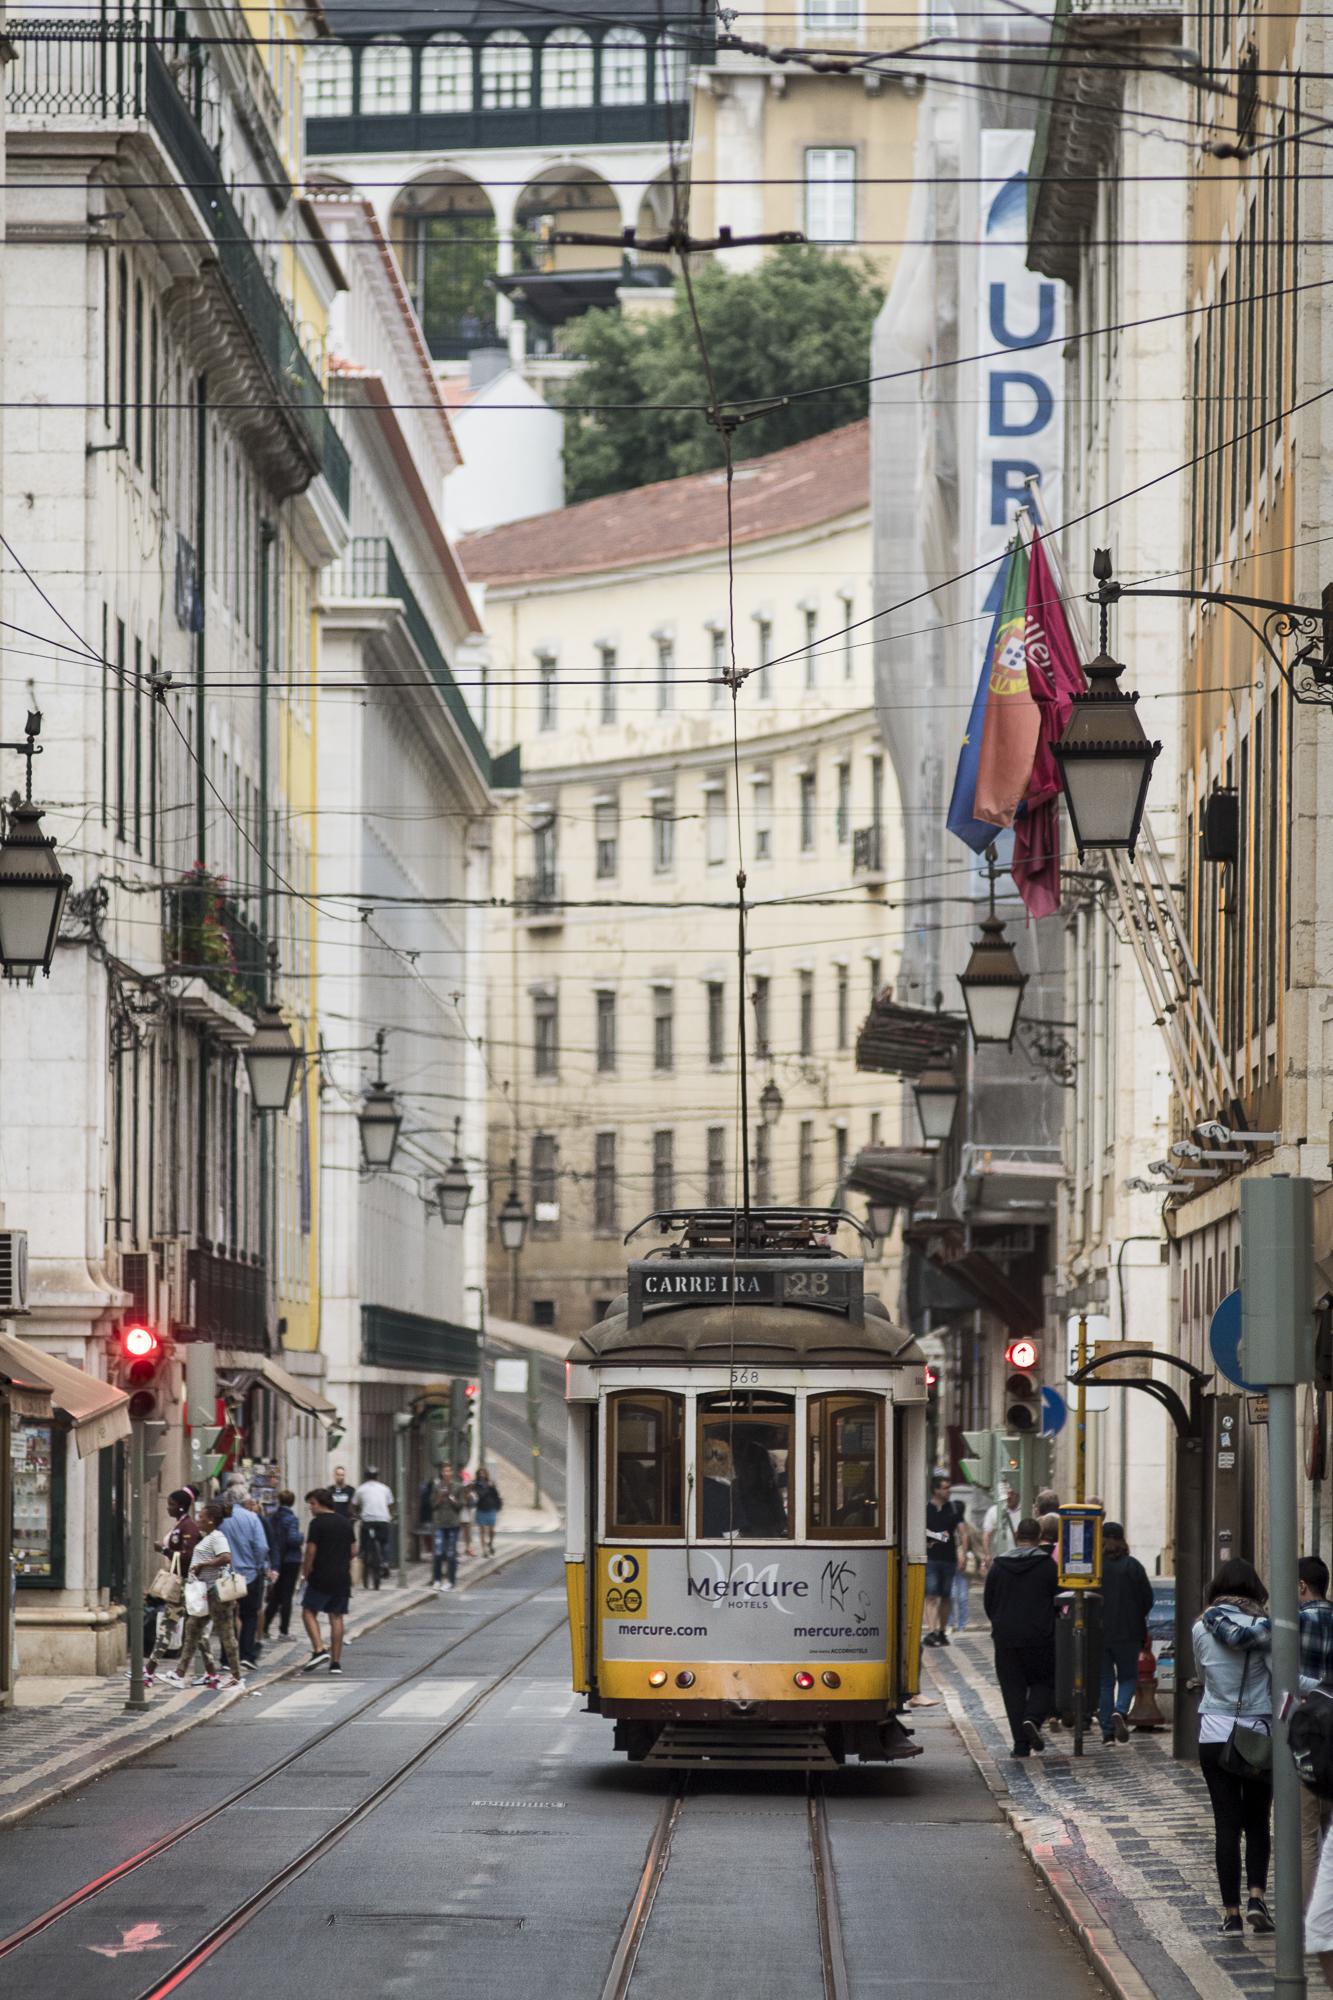 Rua Conceição  PHOTOGRAPHY: ALEXANDER J.E. BRADLEY •NIKON D500 • AF NIKKOR 80-200mm f/2.8 D ED • 155mm • F/4 • 1/200 •ISO 400